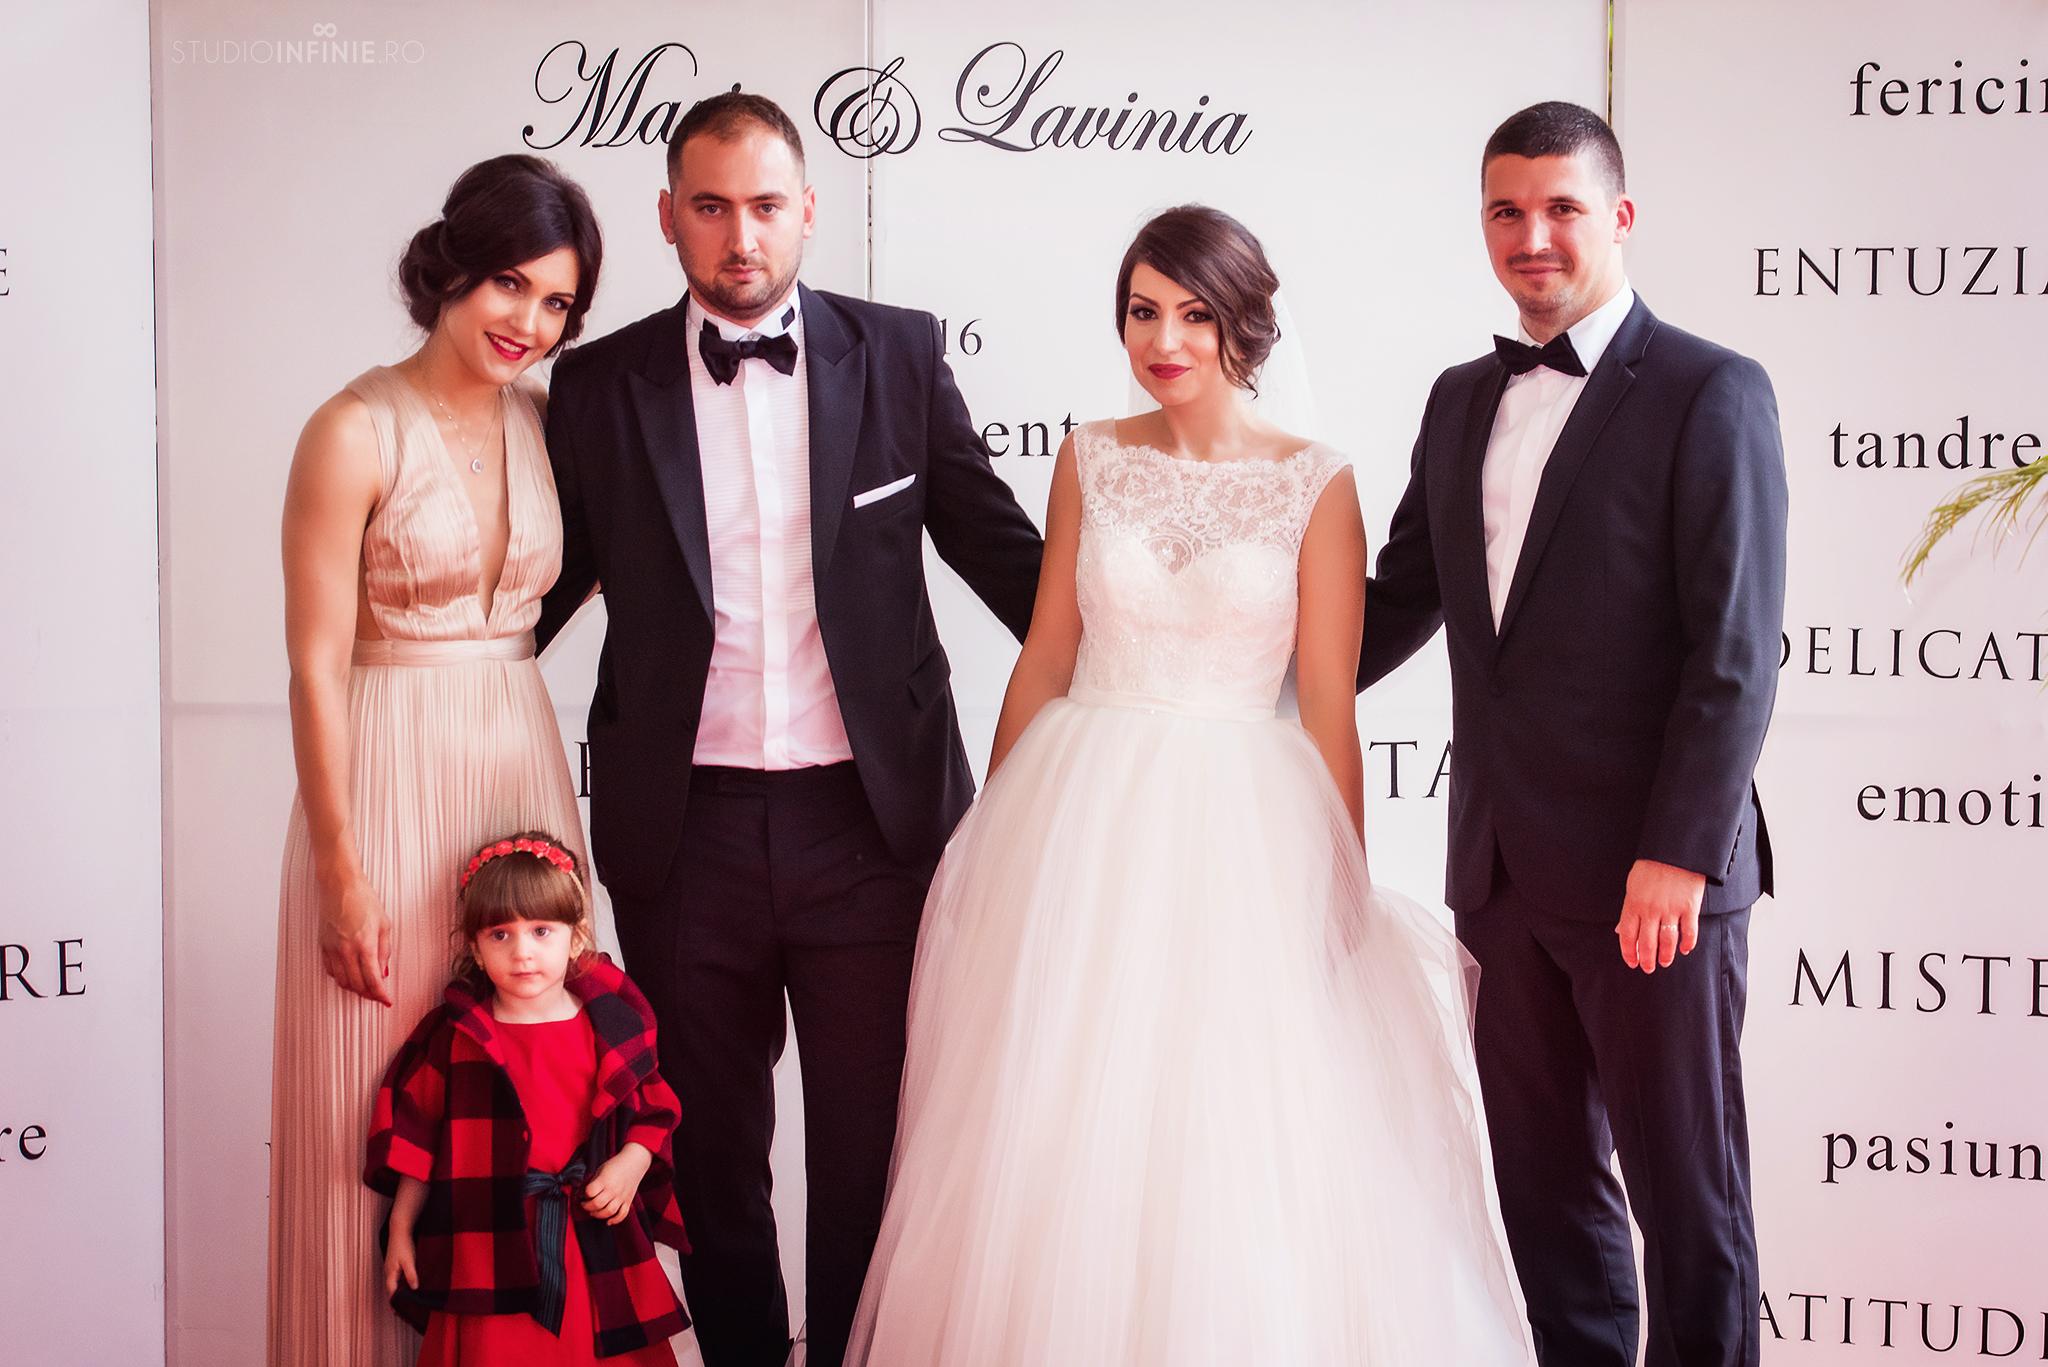 Lavinia & Mario Port 080